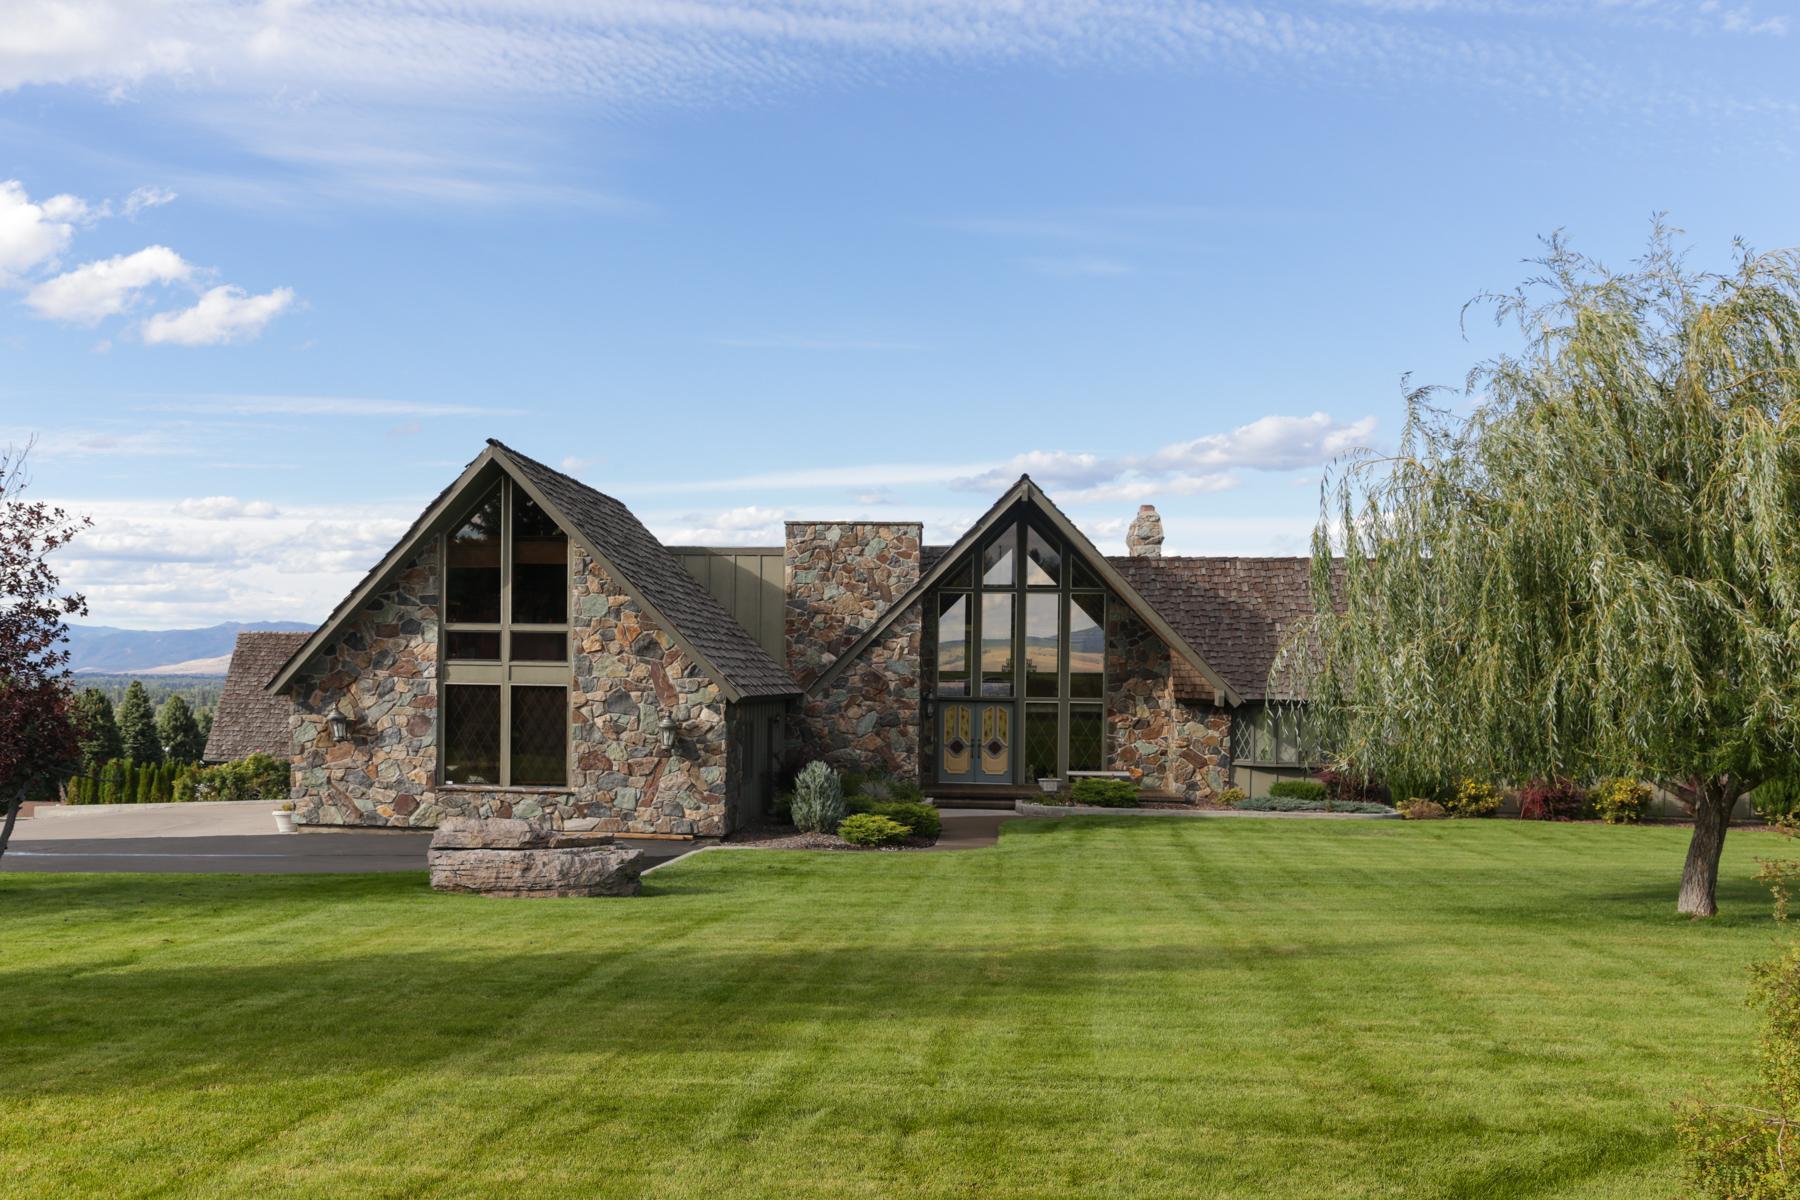 独户住宅 为 销售 在 2900 St. Michael 米苏拉, 蒙大拿州, 59803 美国